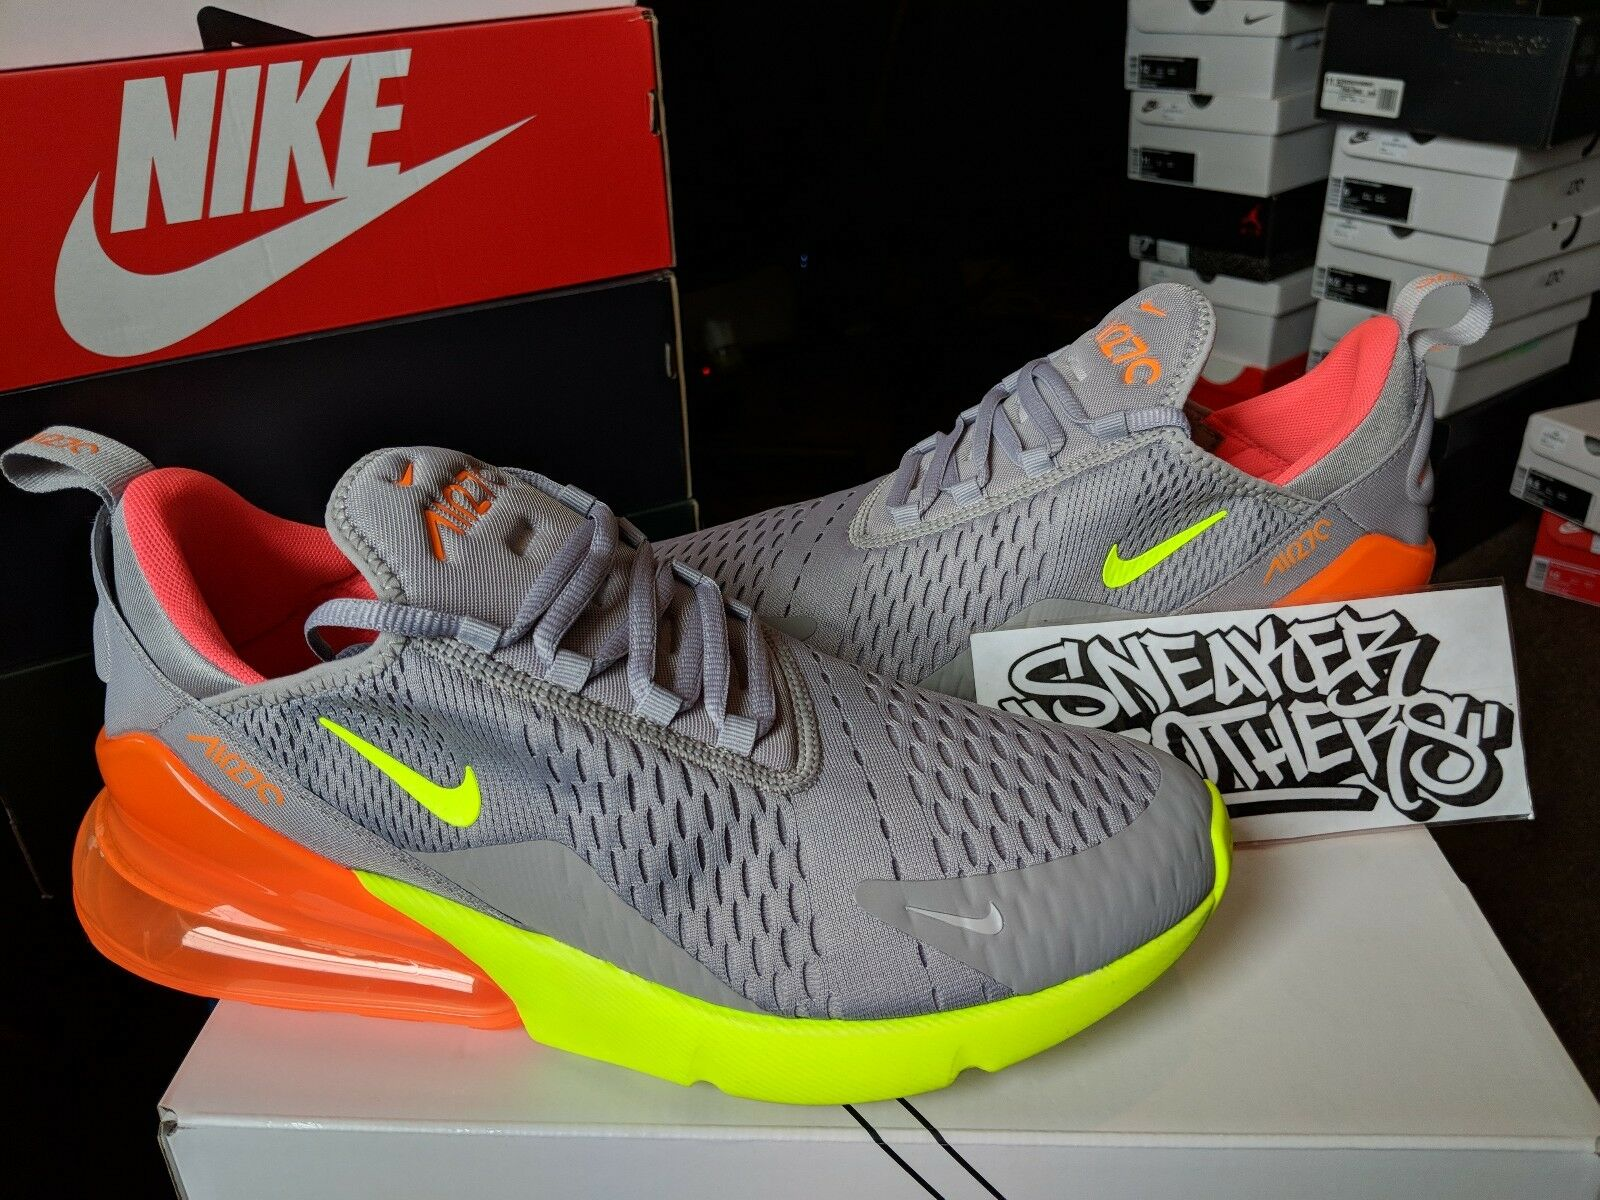 Nike air max 270 atmosfera grey volt neon verde - arancione bollente punch ah8050-012